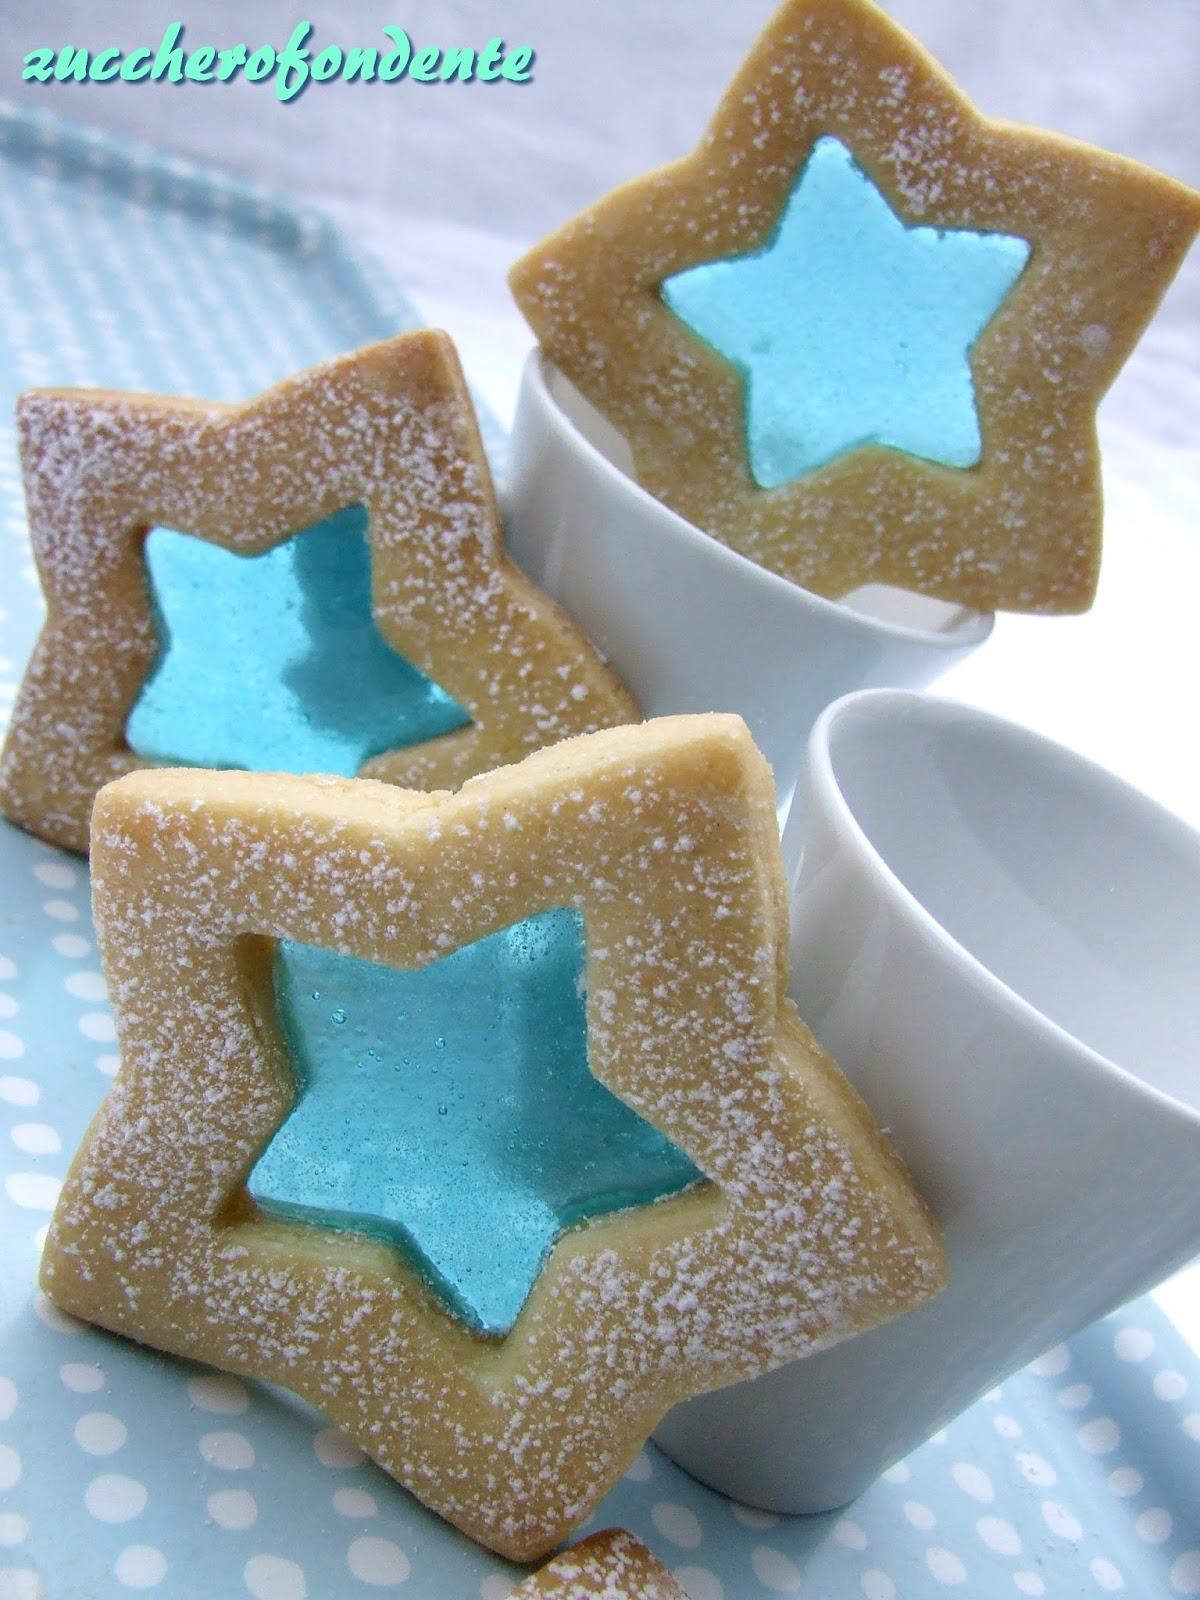 Biscotti Di Natale Effetto Vetro.Zuccherofondente Biscotti Di Vetro